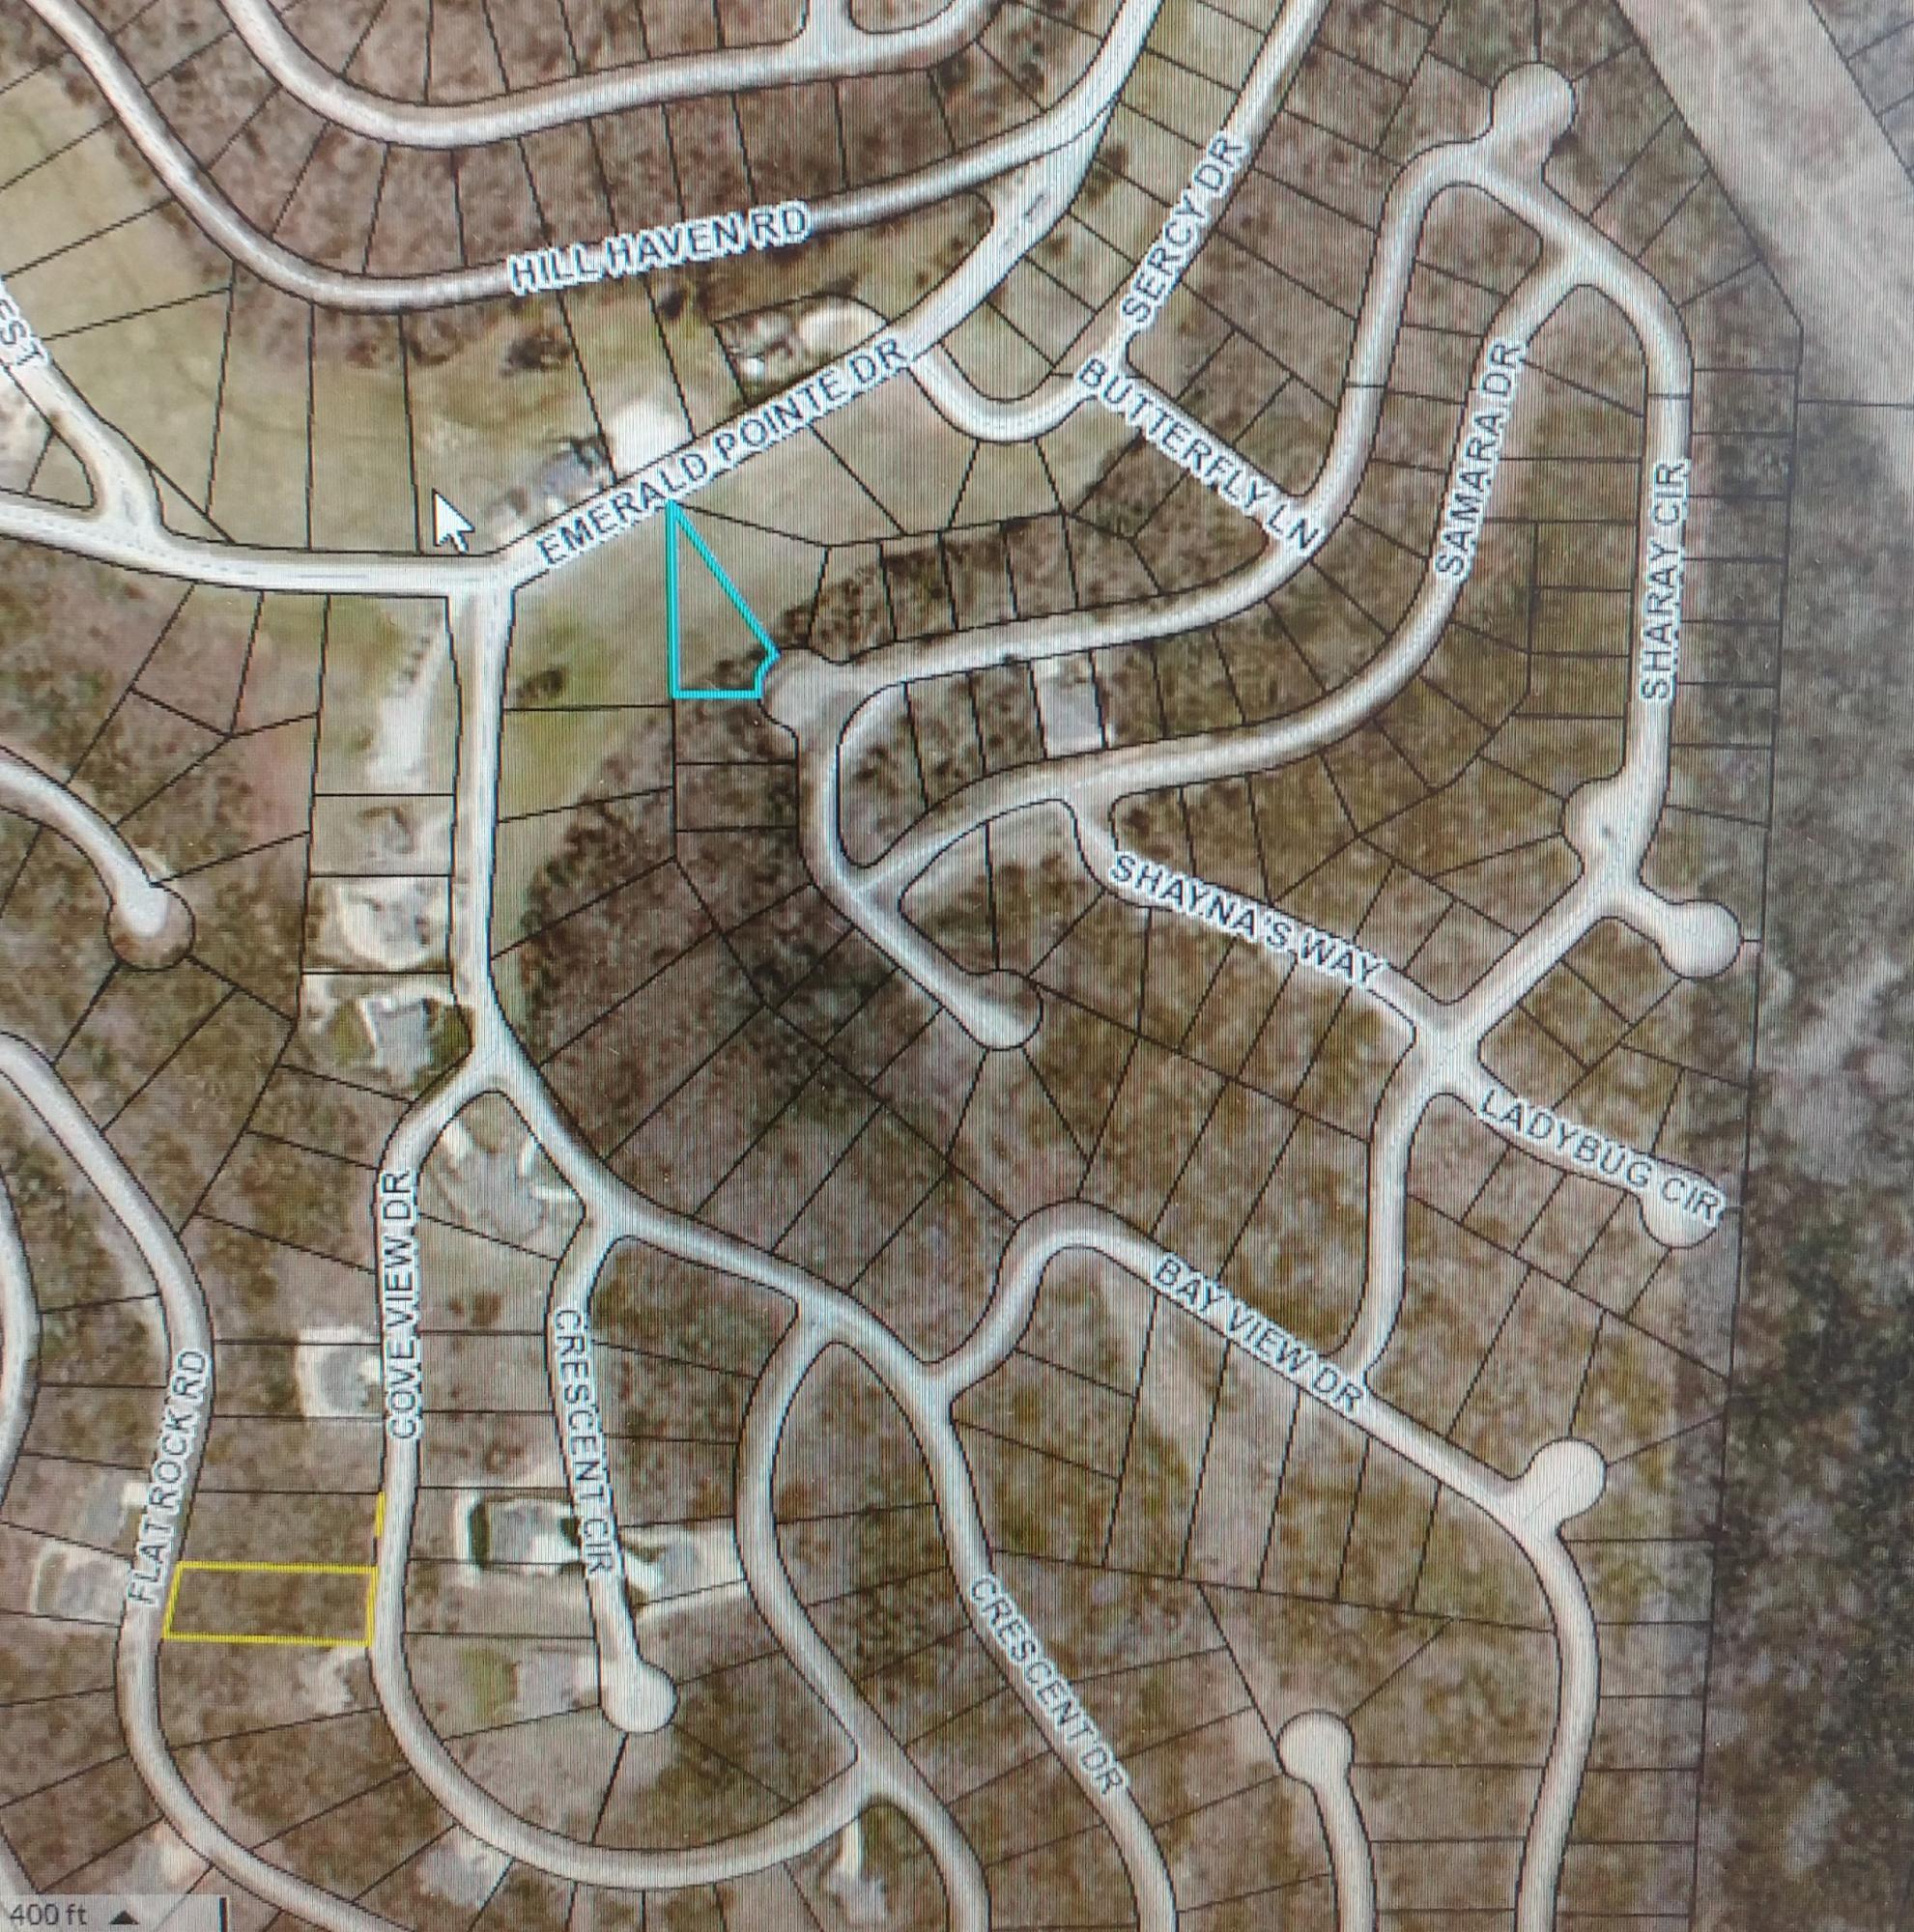 Tbd Lot 278, Sharay Circle Hollister, MO 65672